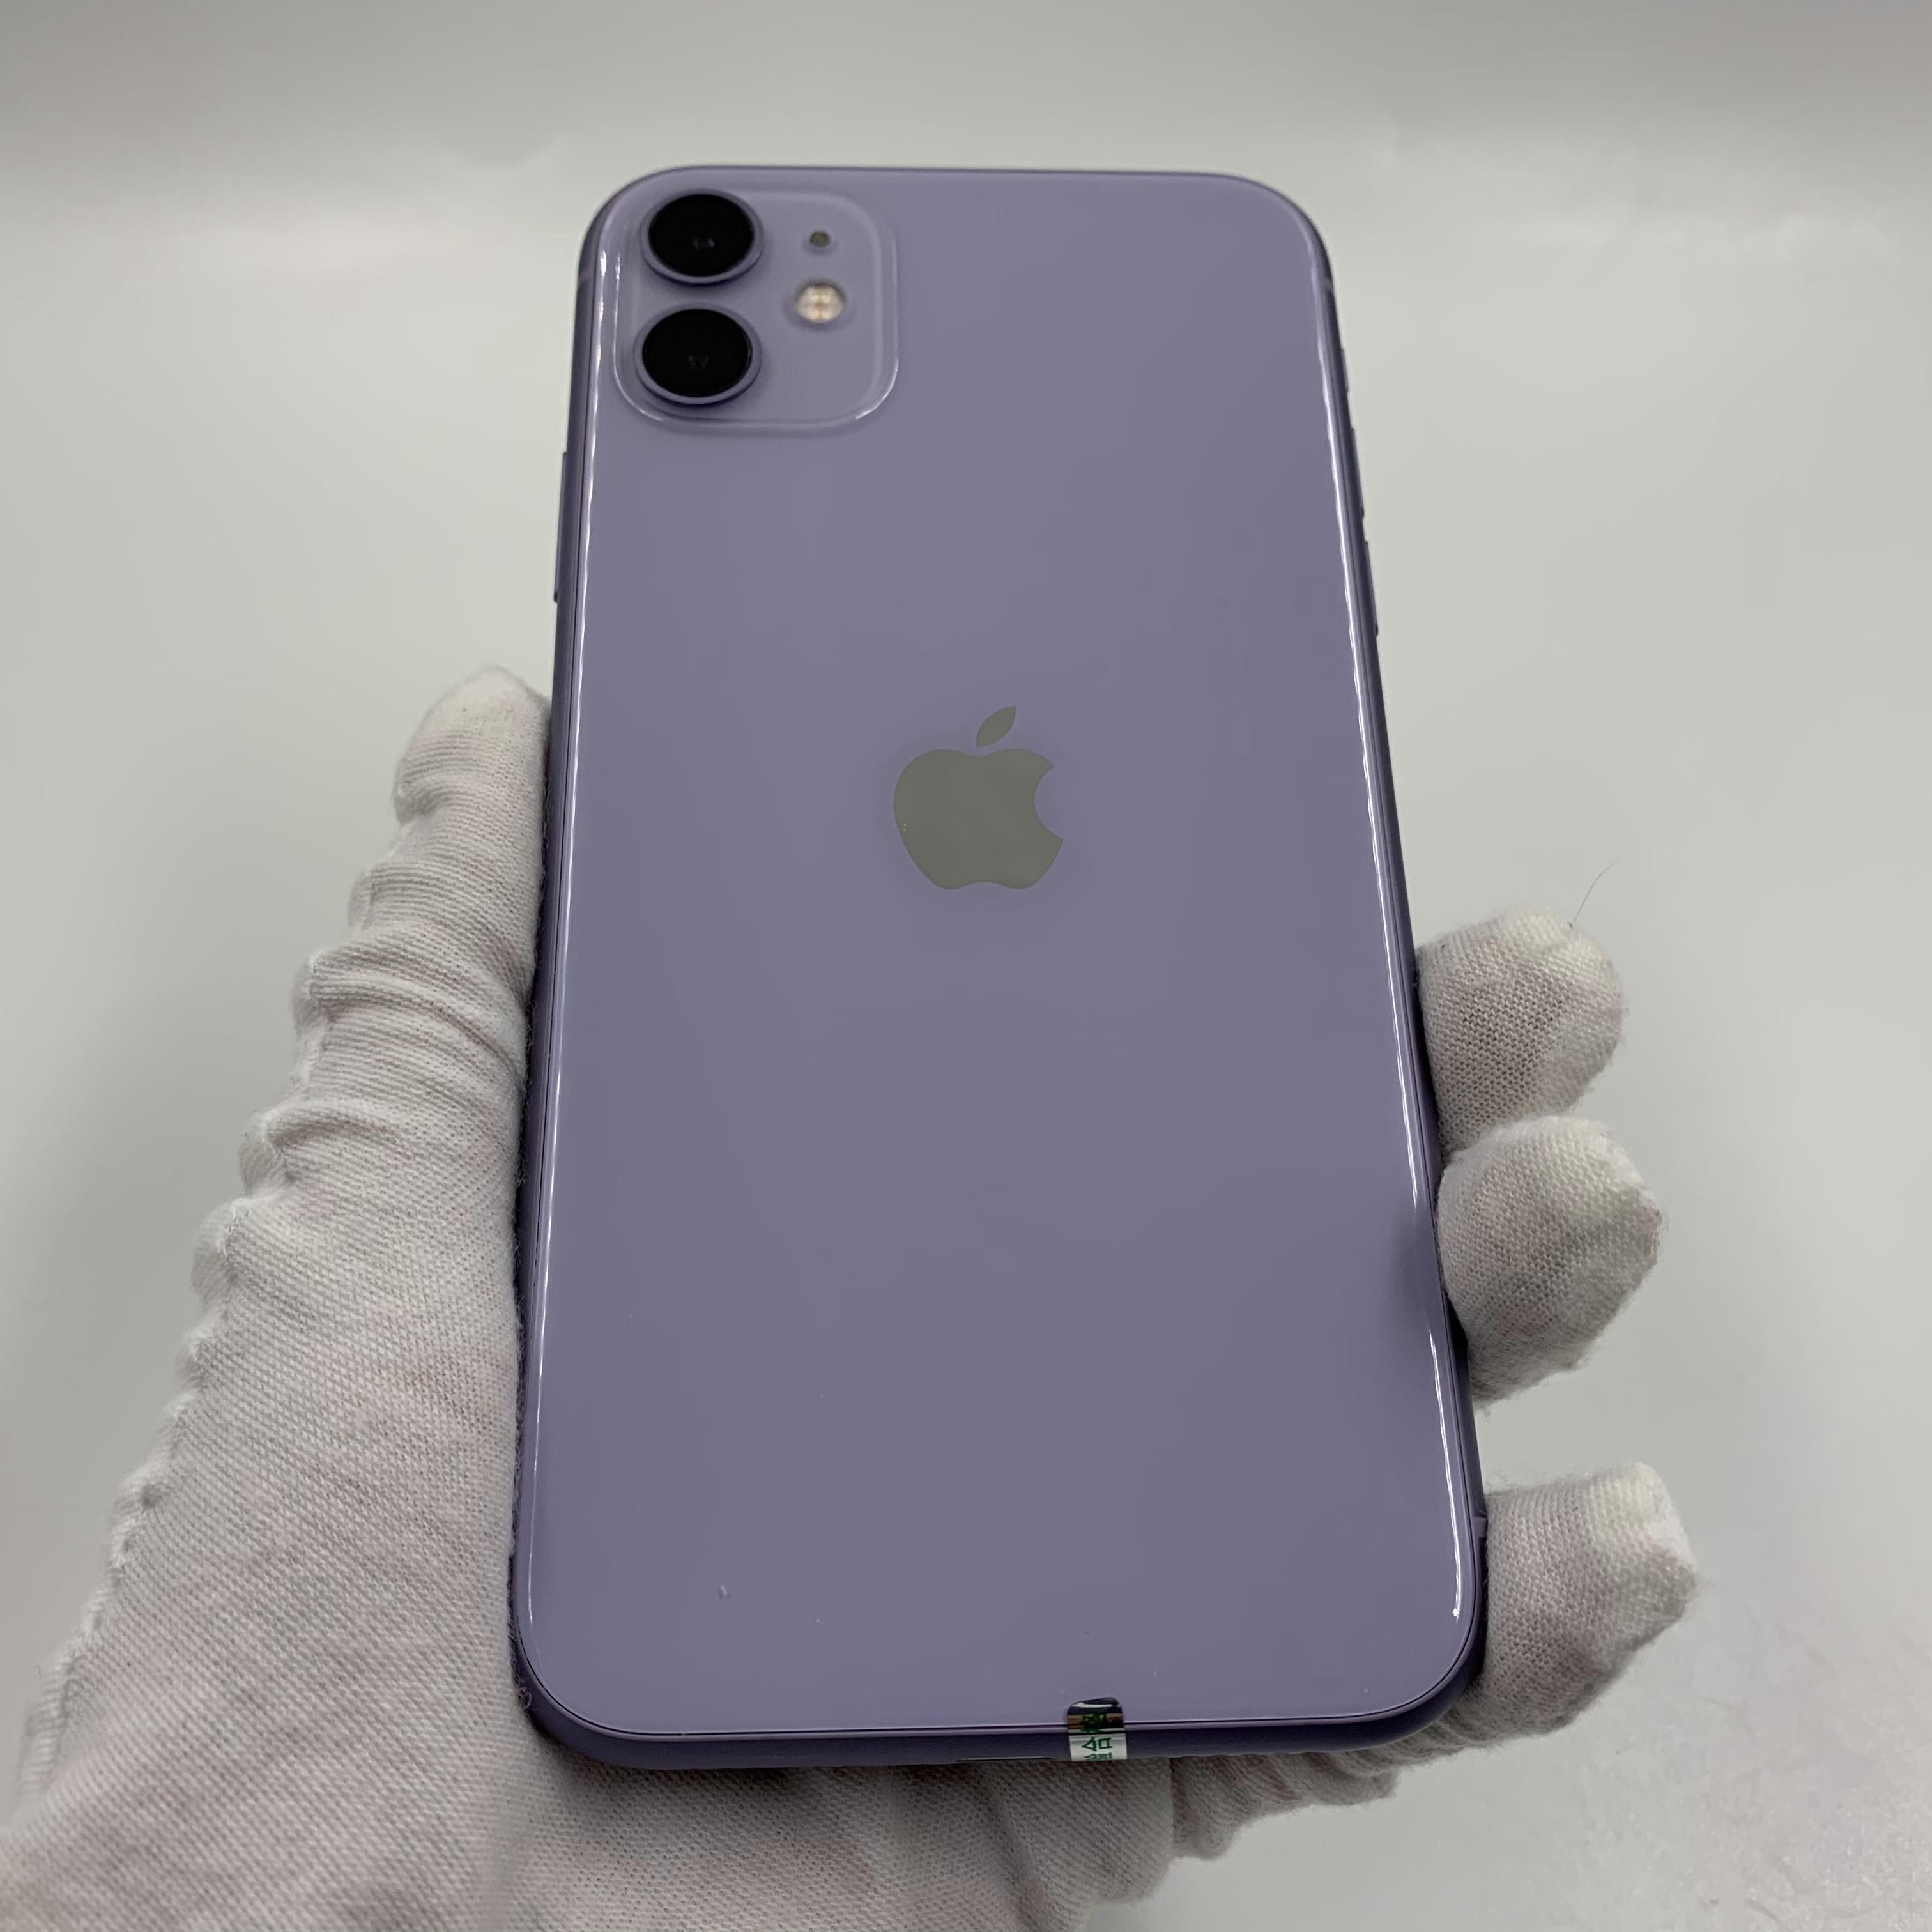 苹果【iPhone 11】4G全网通 紫色 128G 国行 95新 真机实拍保修2021-10-20